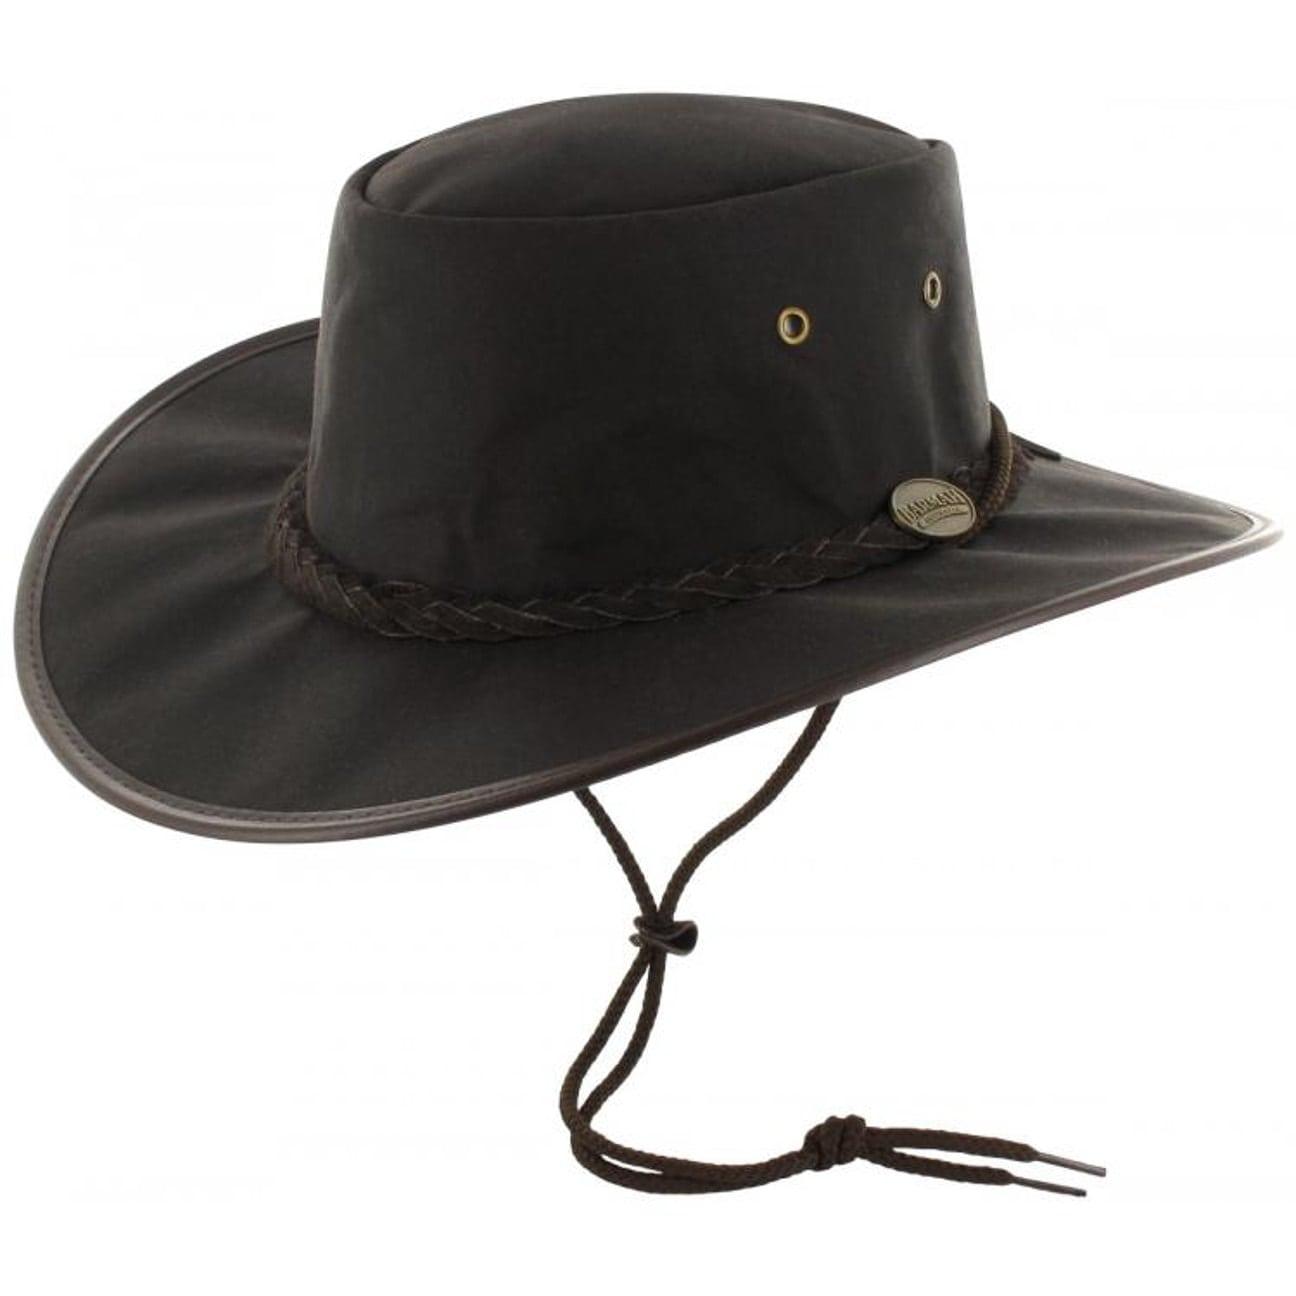 Sombrero Oilskin Drover Deluxe by BARMAH  resistente al agua